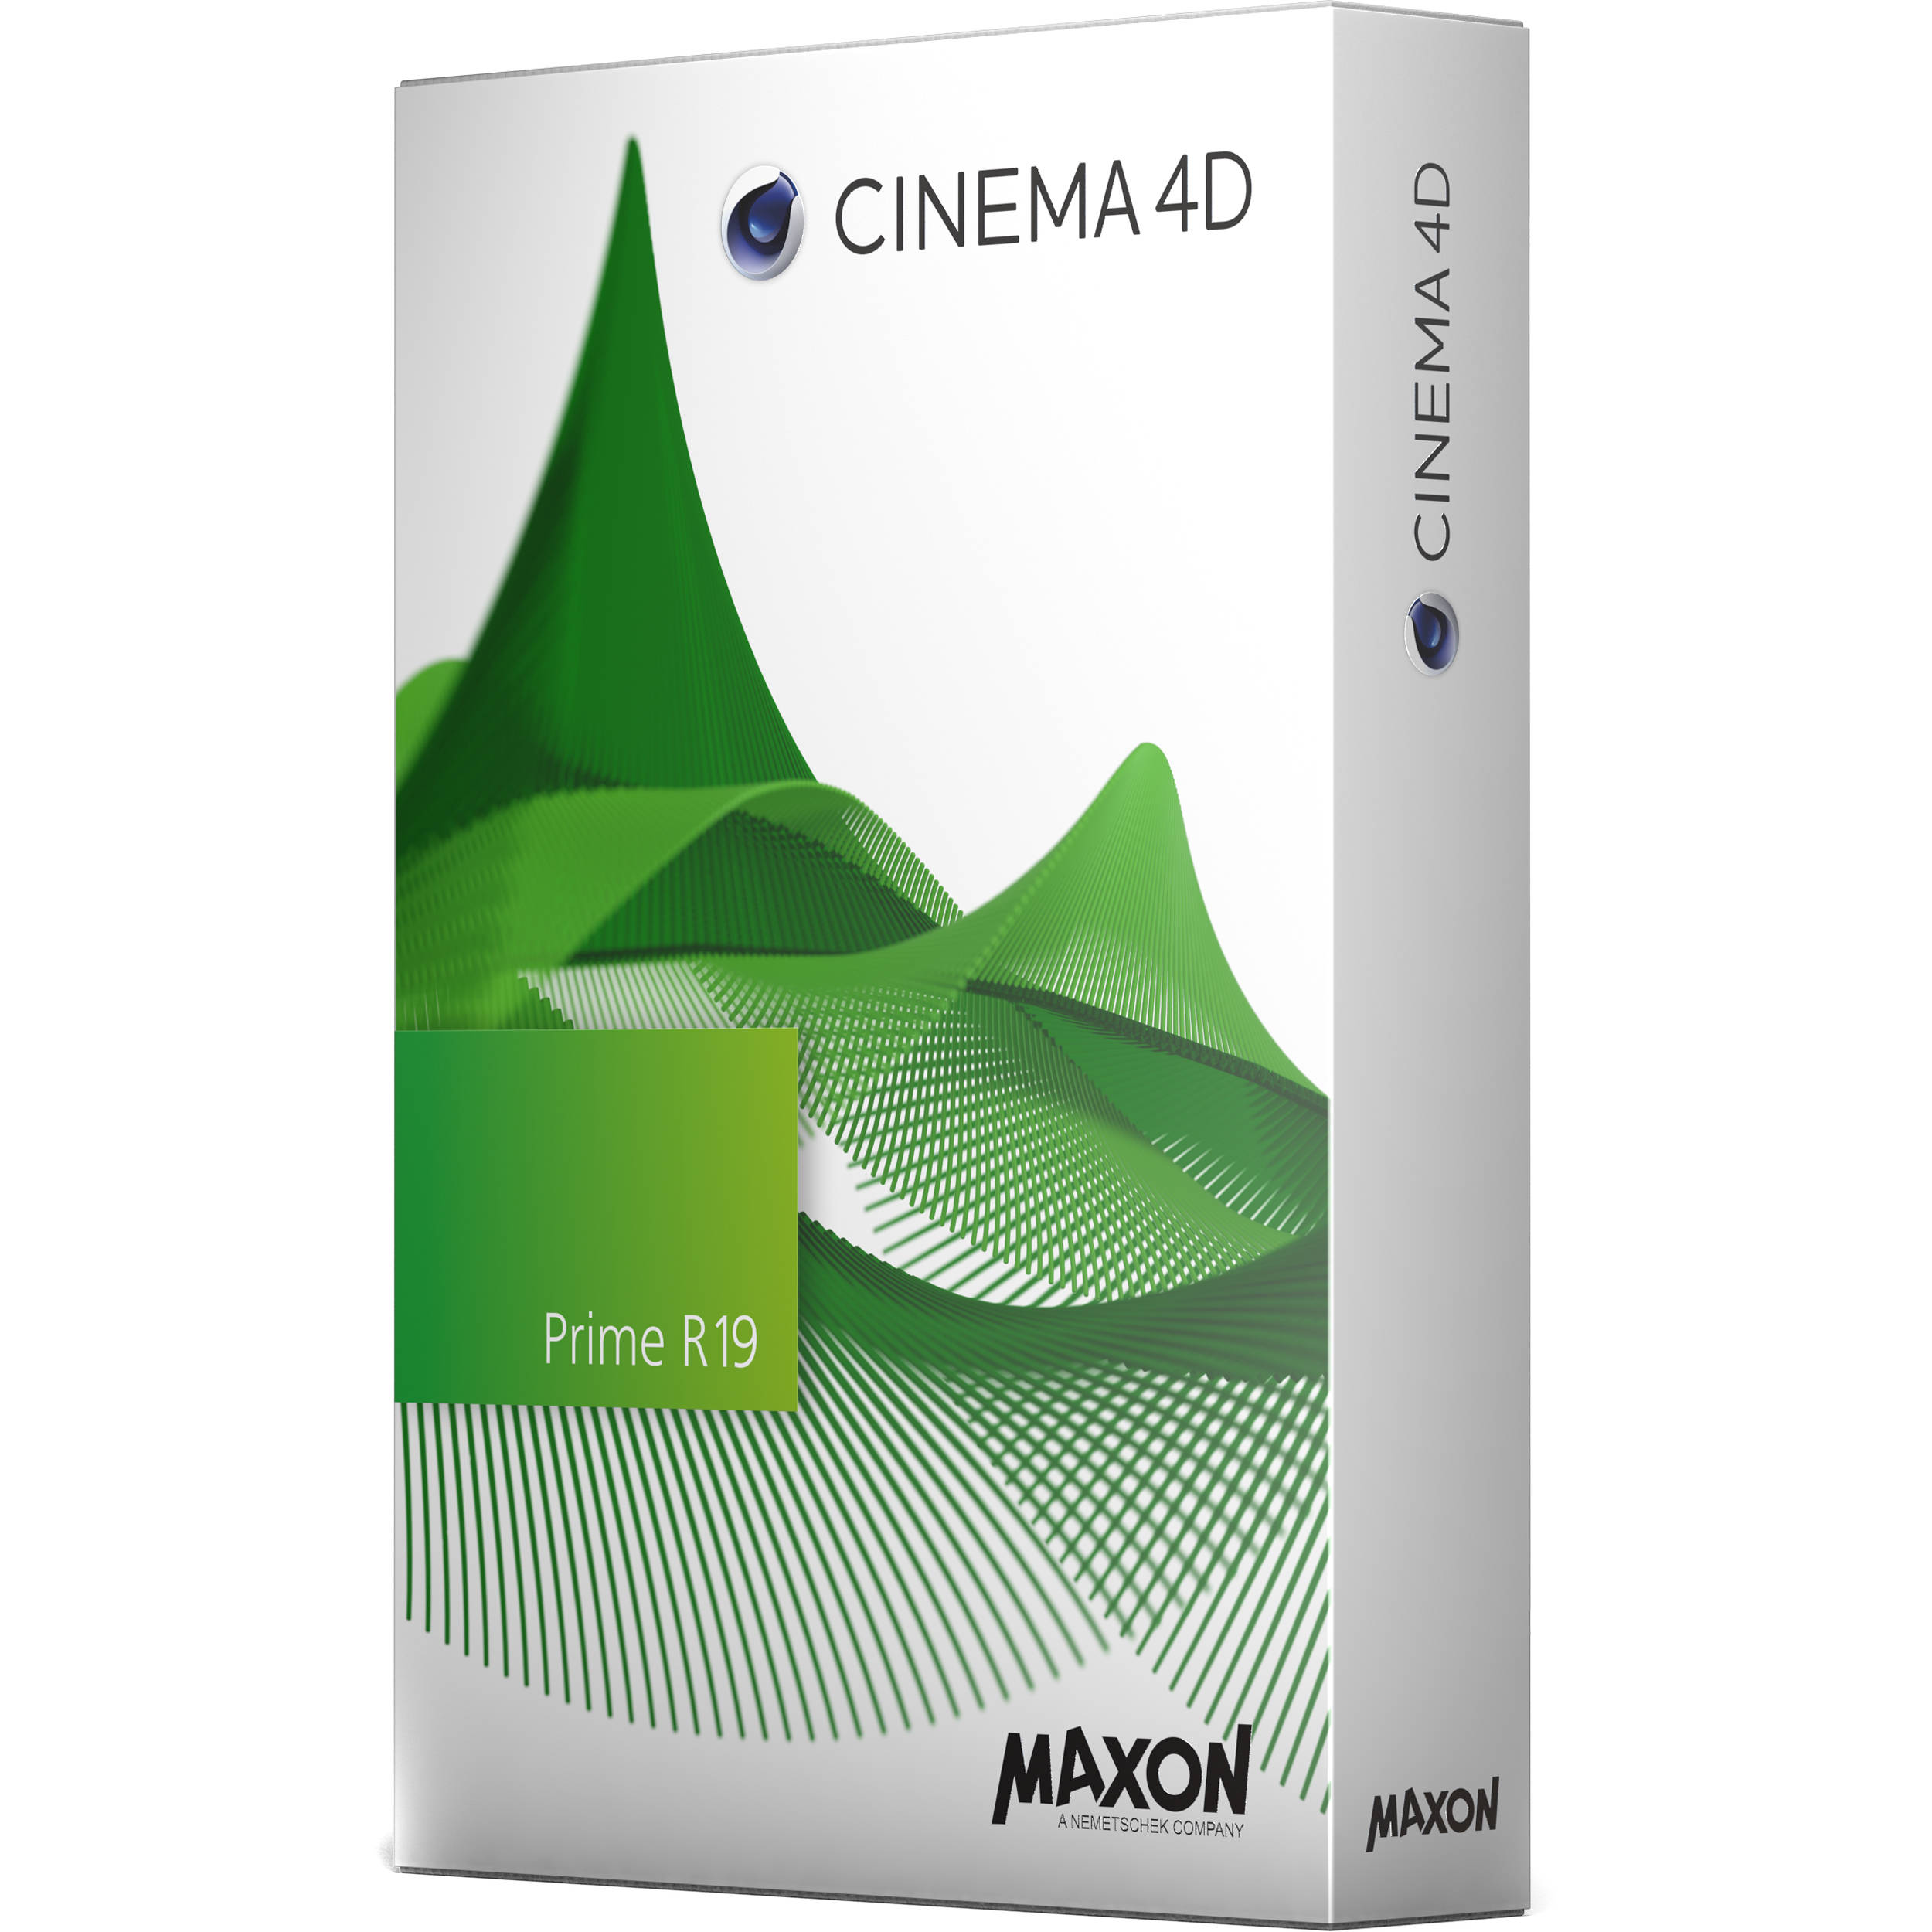 maxon cinema 4d presets download